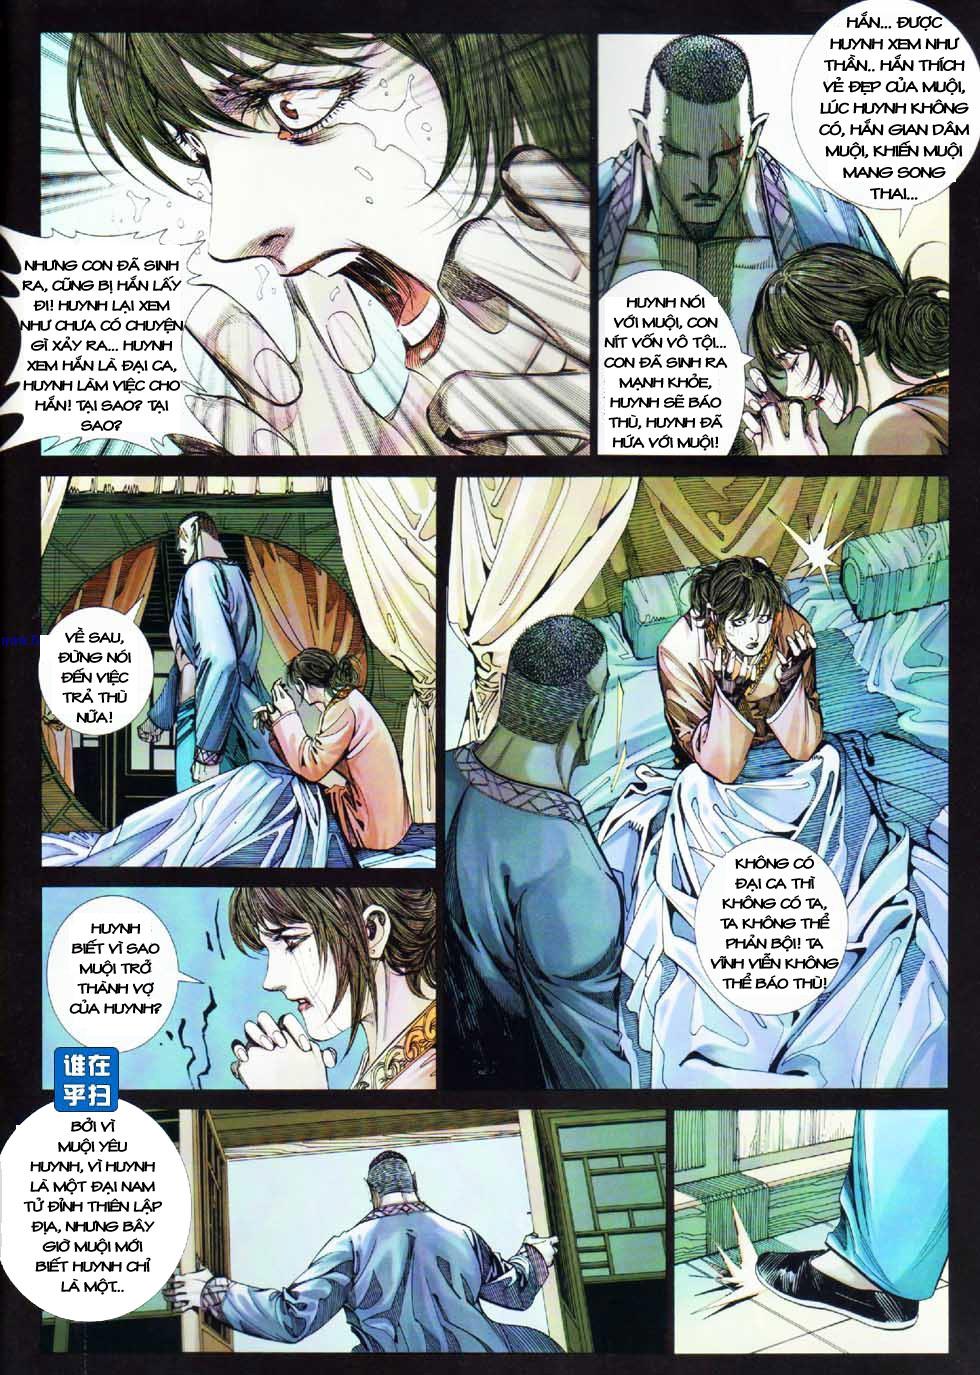 Thiên Hạ Vô Địch Kiếm Tà Thần chap 8 end trang 6